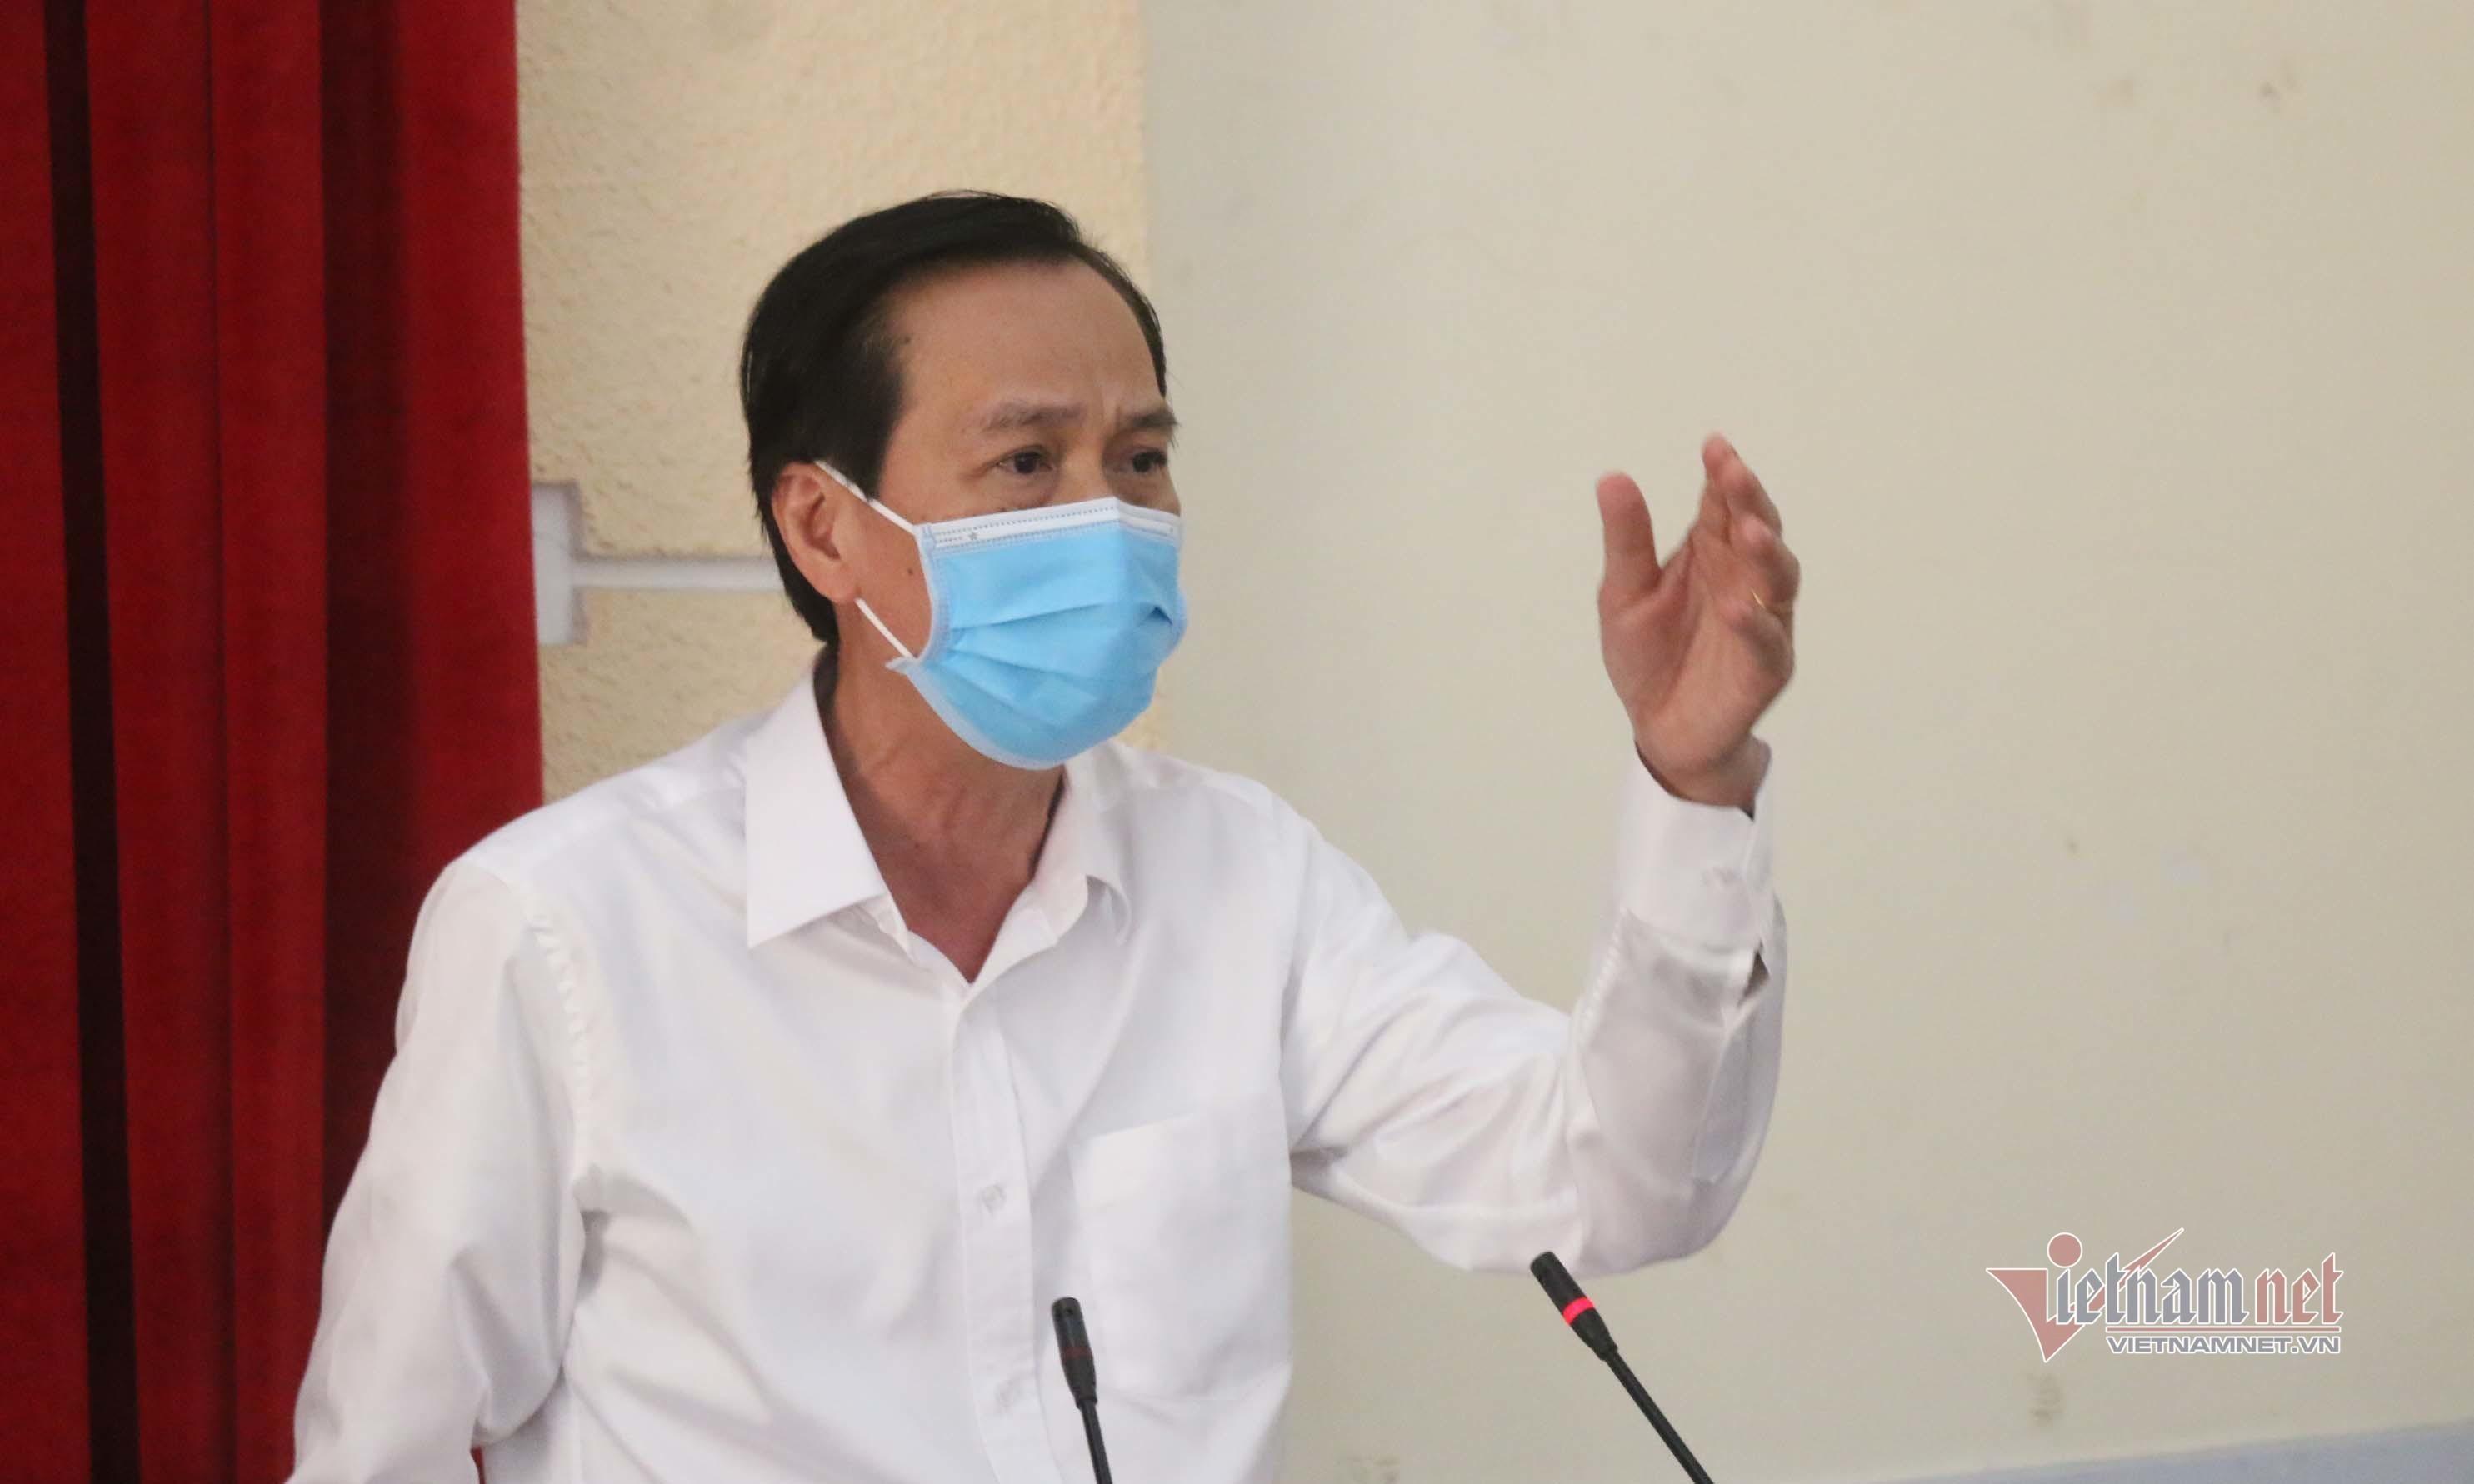 Phó chủ tịch TP.HCM: Đừng để xảy ra vi phạm chỉ thị 16 như cán bộ ĐH Ngân hàng